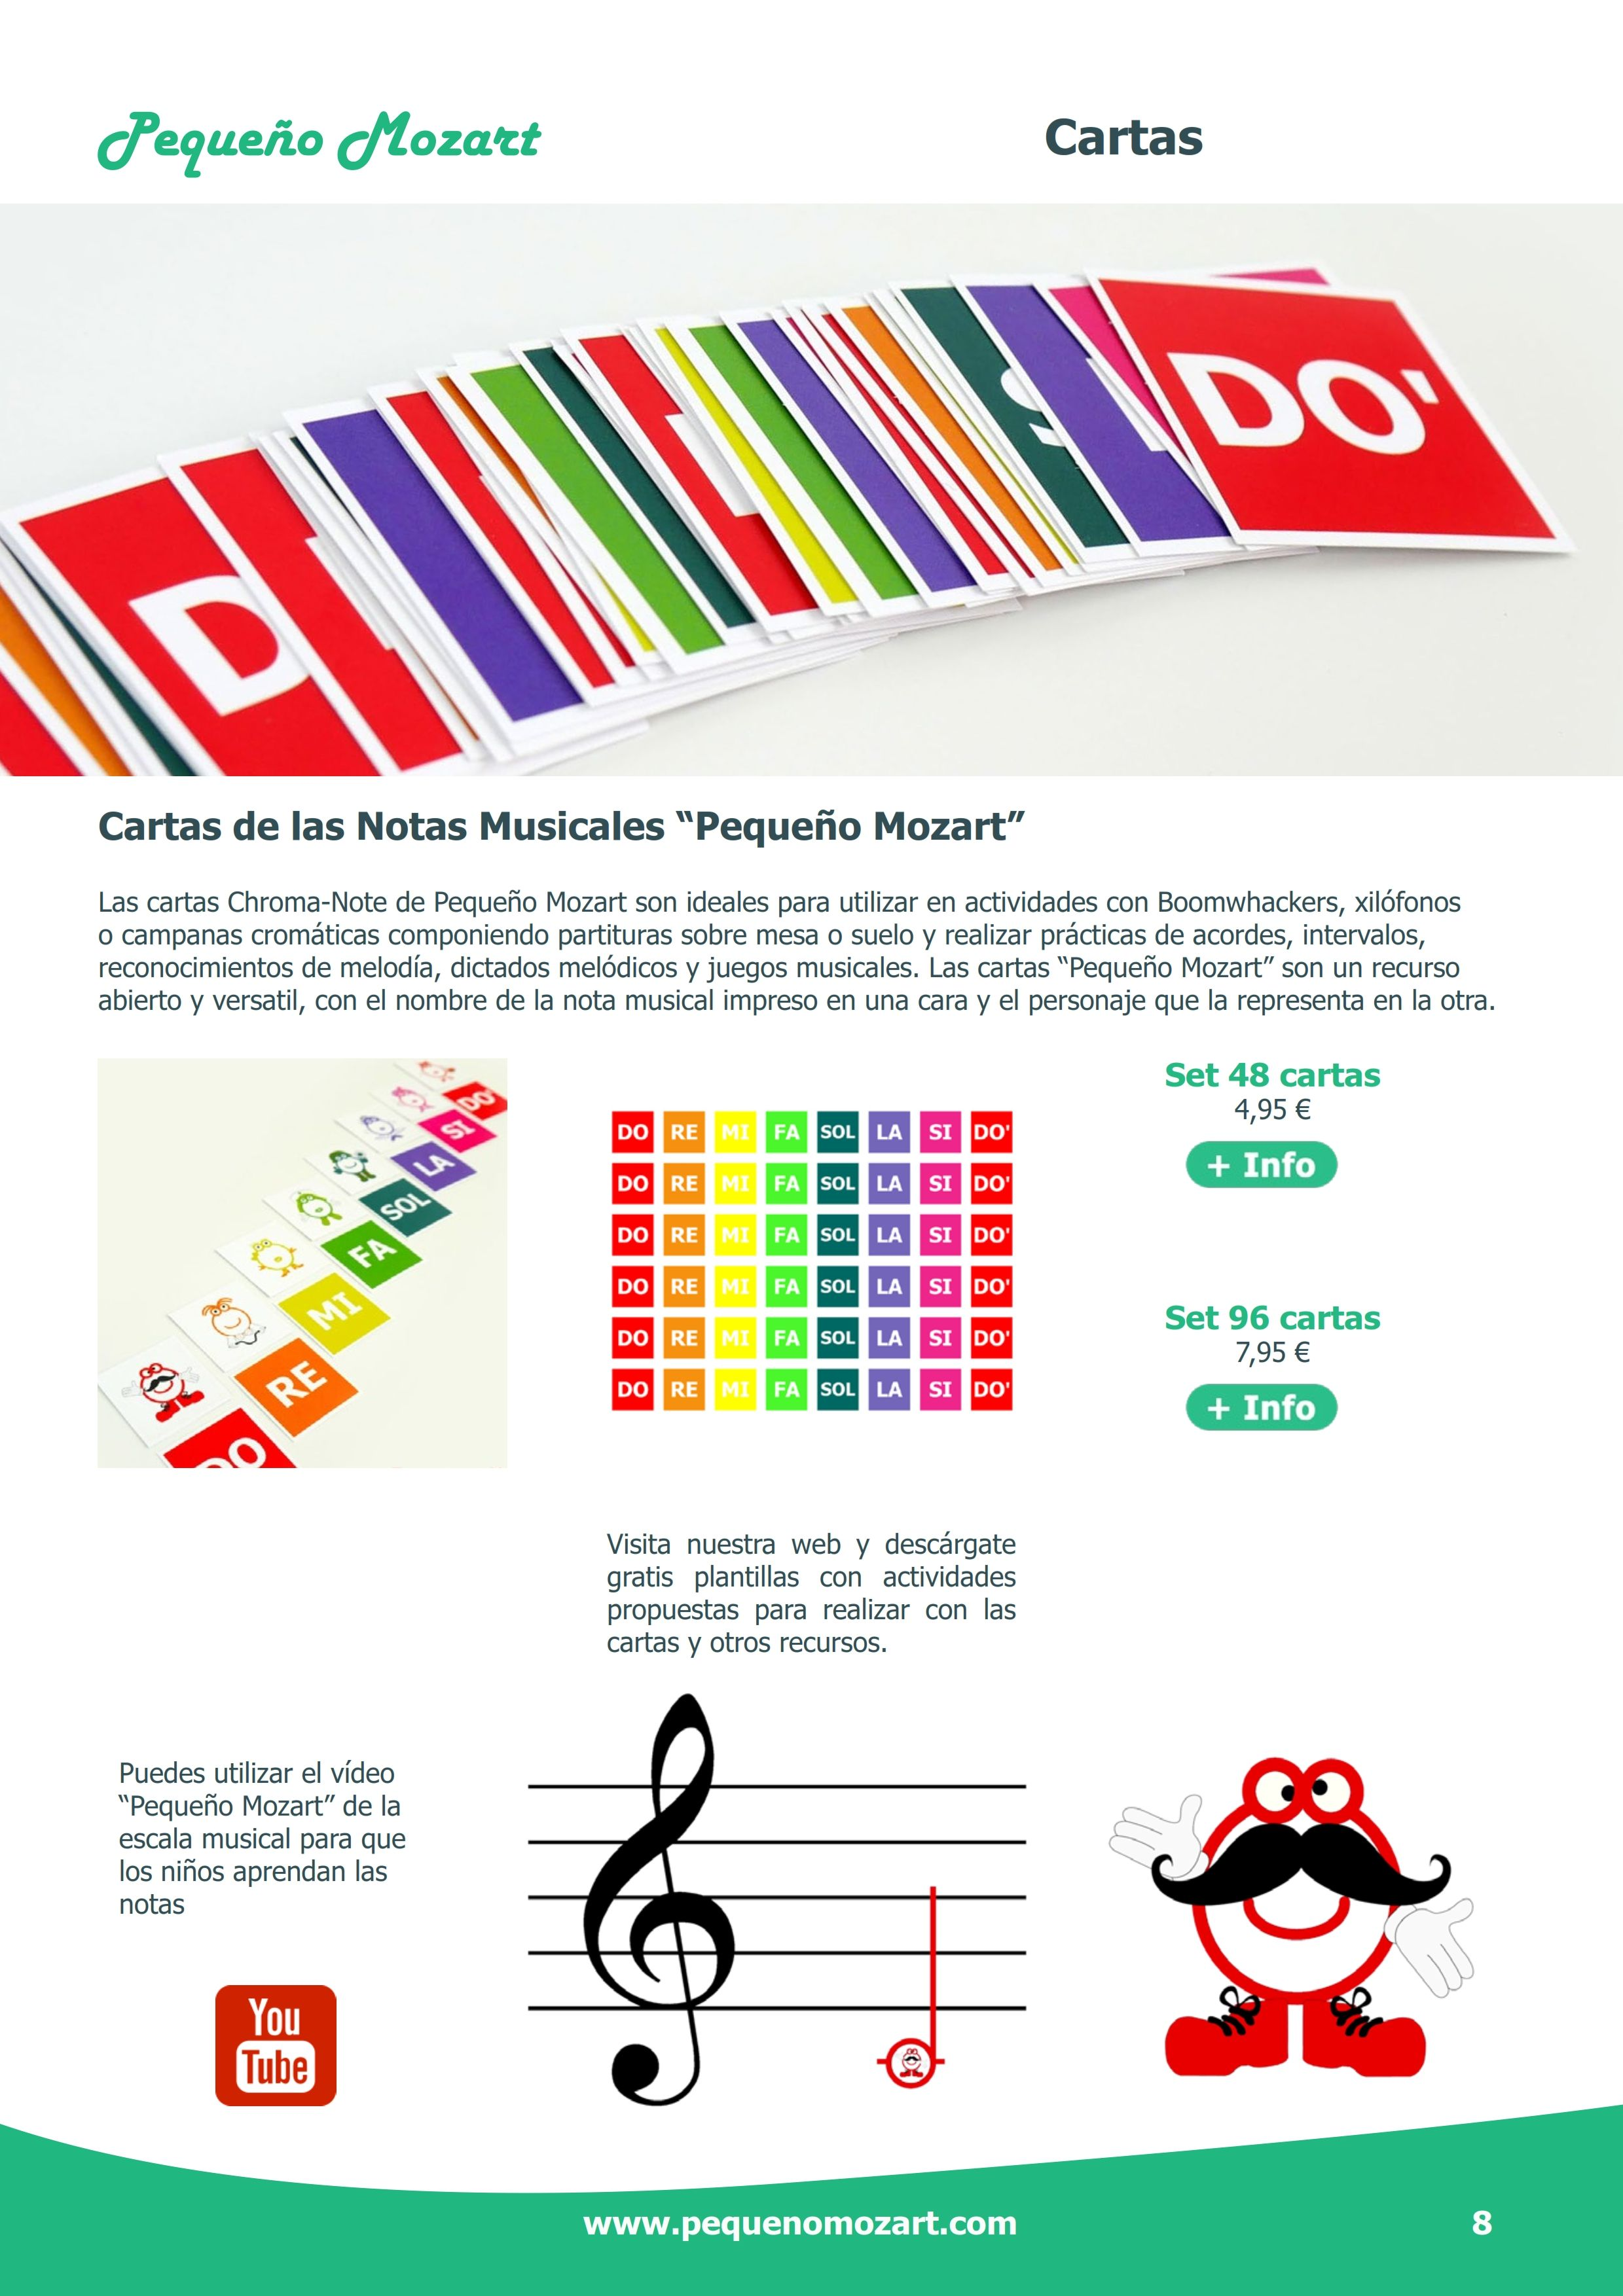 Cartas De Las Notas Musicales Pequeño Mozart Pequeño Mozart Notas Musicales Notas Musicales